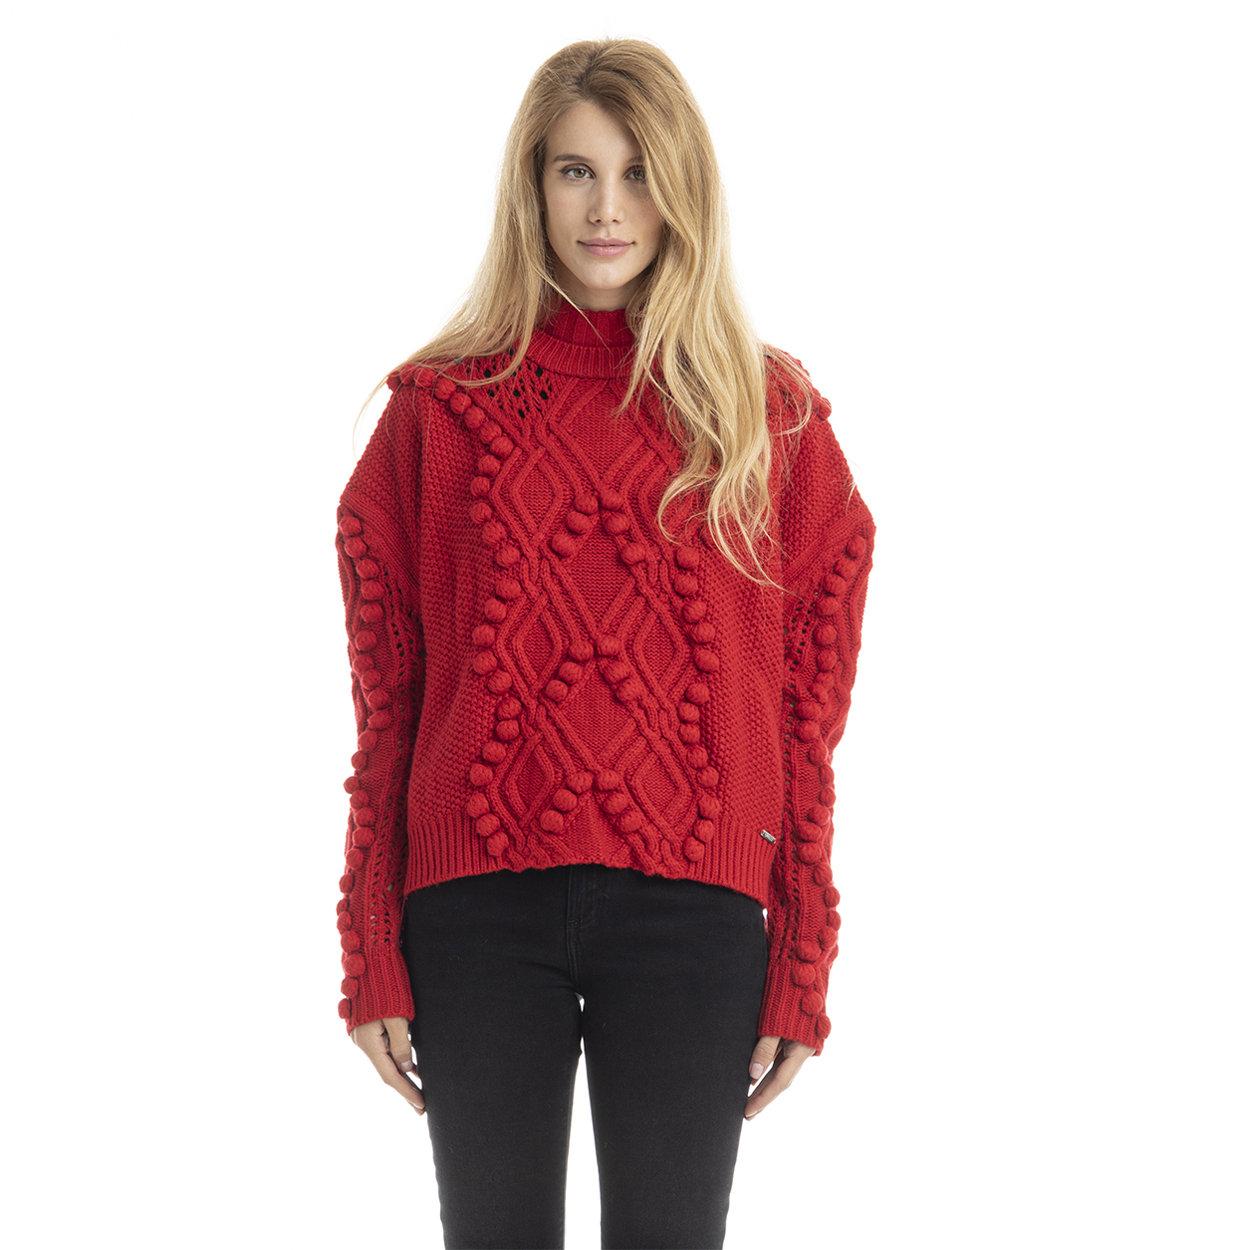 Maglia traforata con collo alto rossa Guess Jeans Acquista su Ventis.